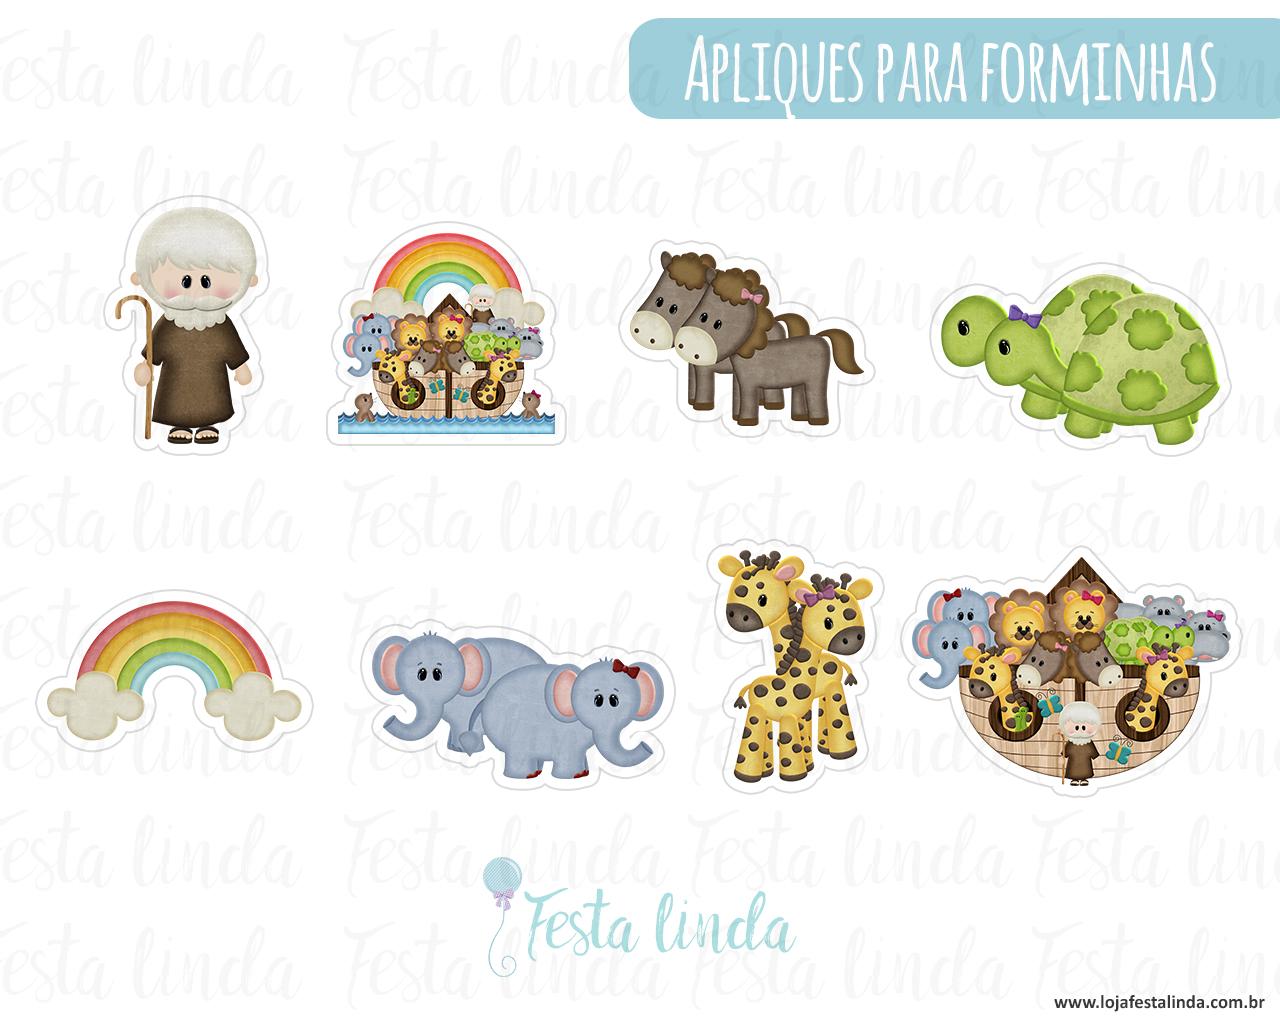 Dibujos Para Colorear Del Arca De Noe Para Imprimir: Animales Arca De Noe Para Imprimir Imagenes Para Imprimir